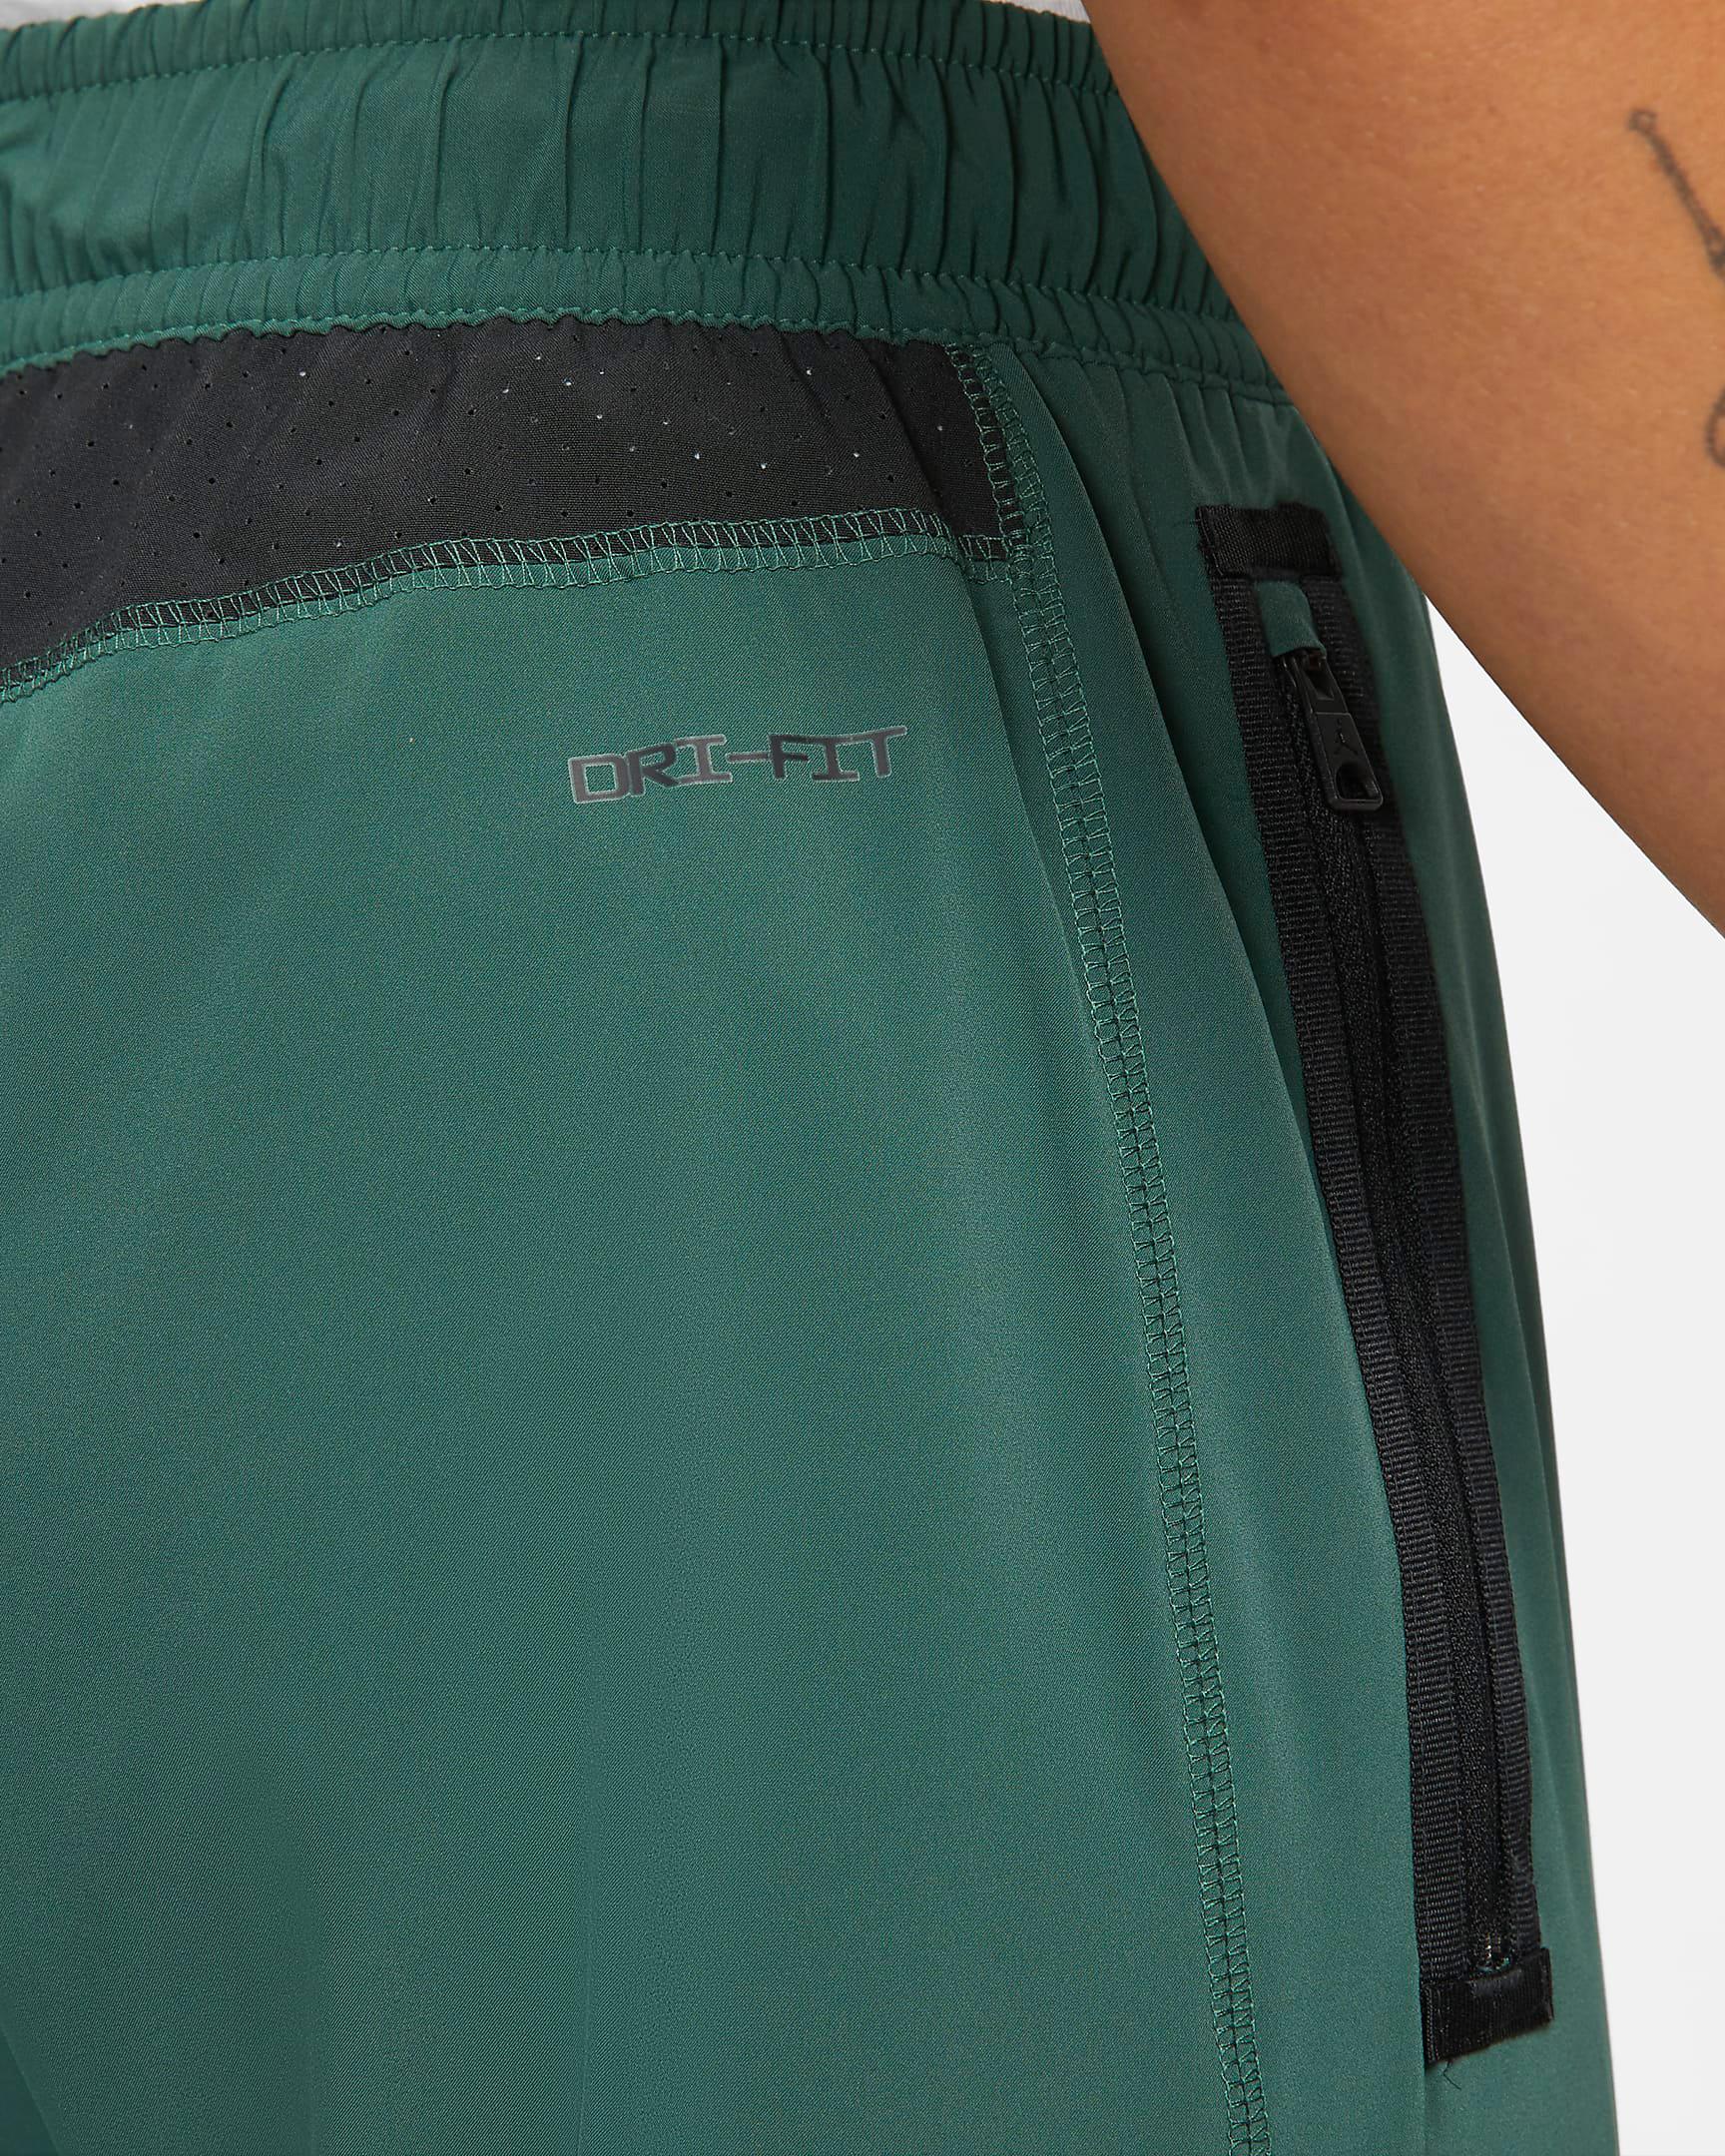 jordan-noble-green-air-statetment-pants-4